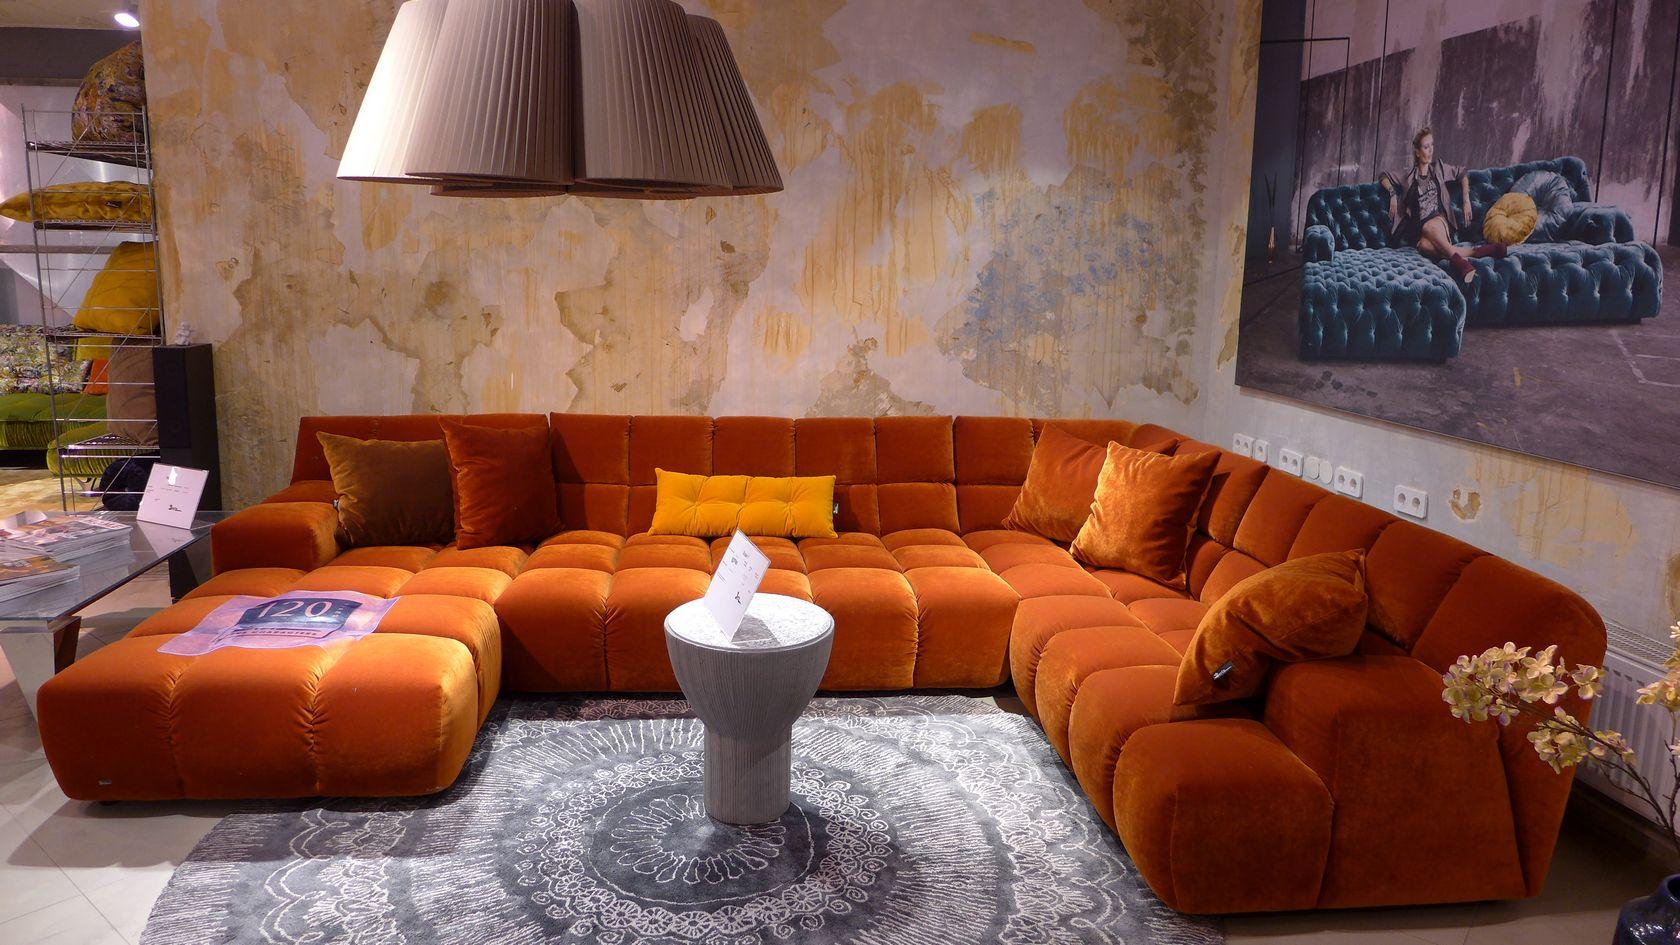 bretz store frankfurt 2017 03 03 010 bretz store frankfurt. Black Bedroom Furniture Sets. Home Design Ideas